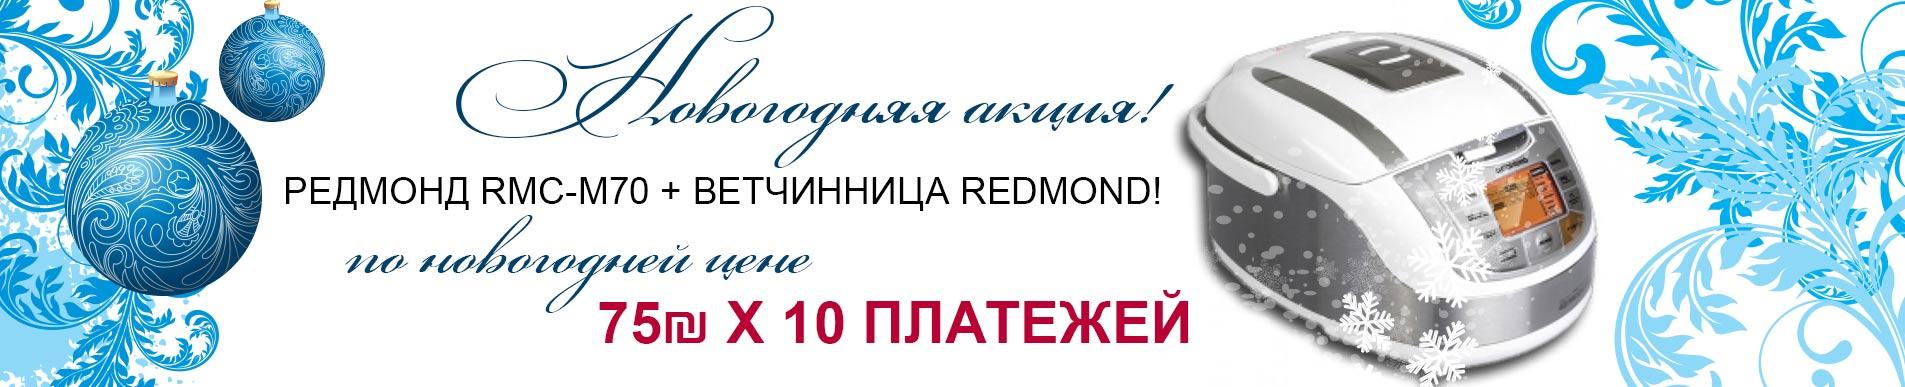 Redmond_new_year